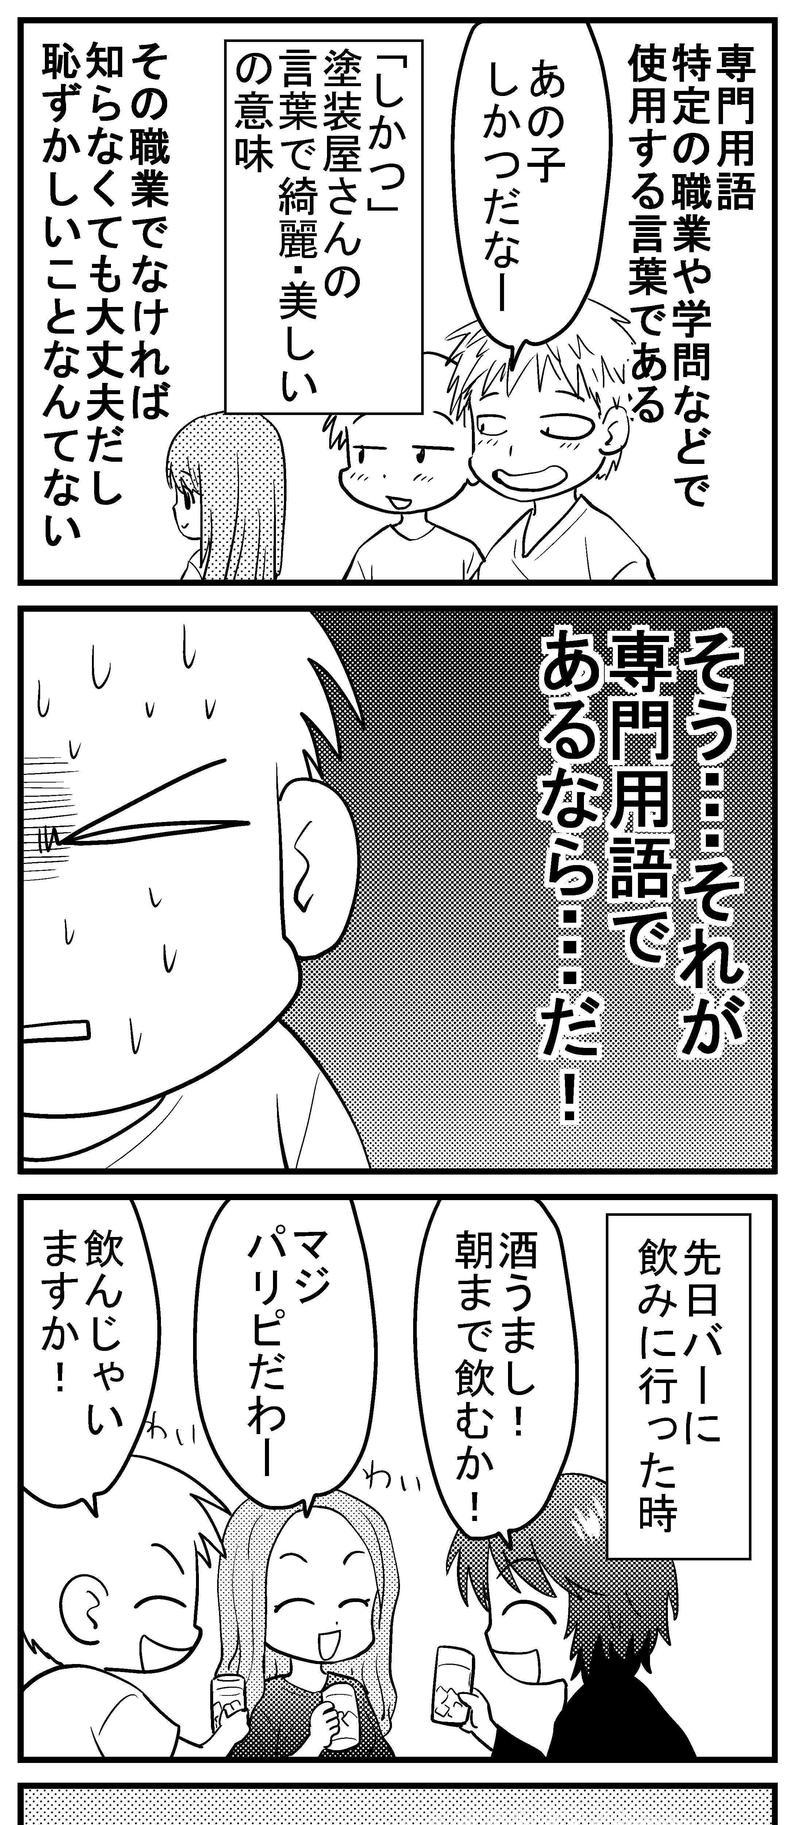 第21話 若者言葉に悪戦苦闘!!